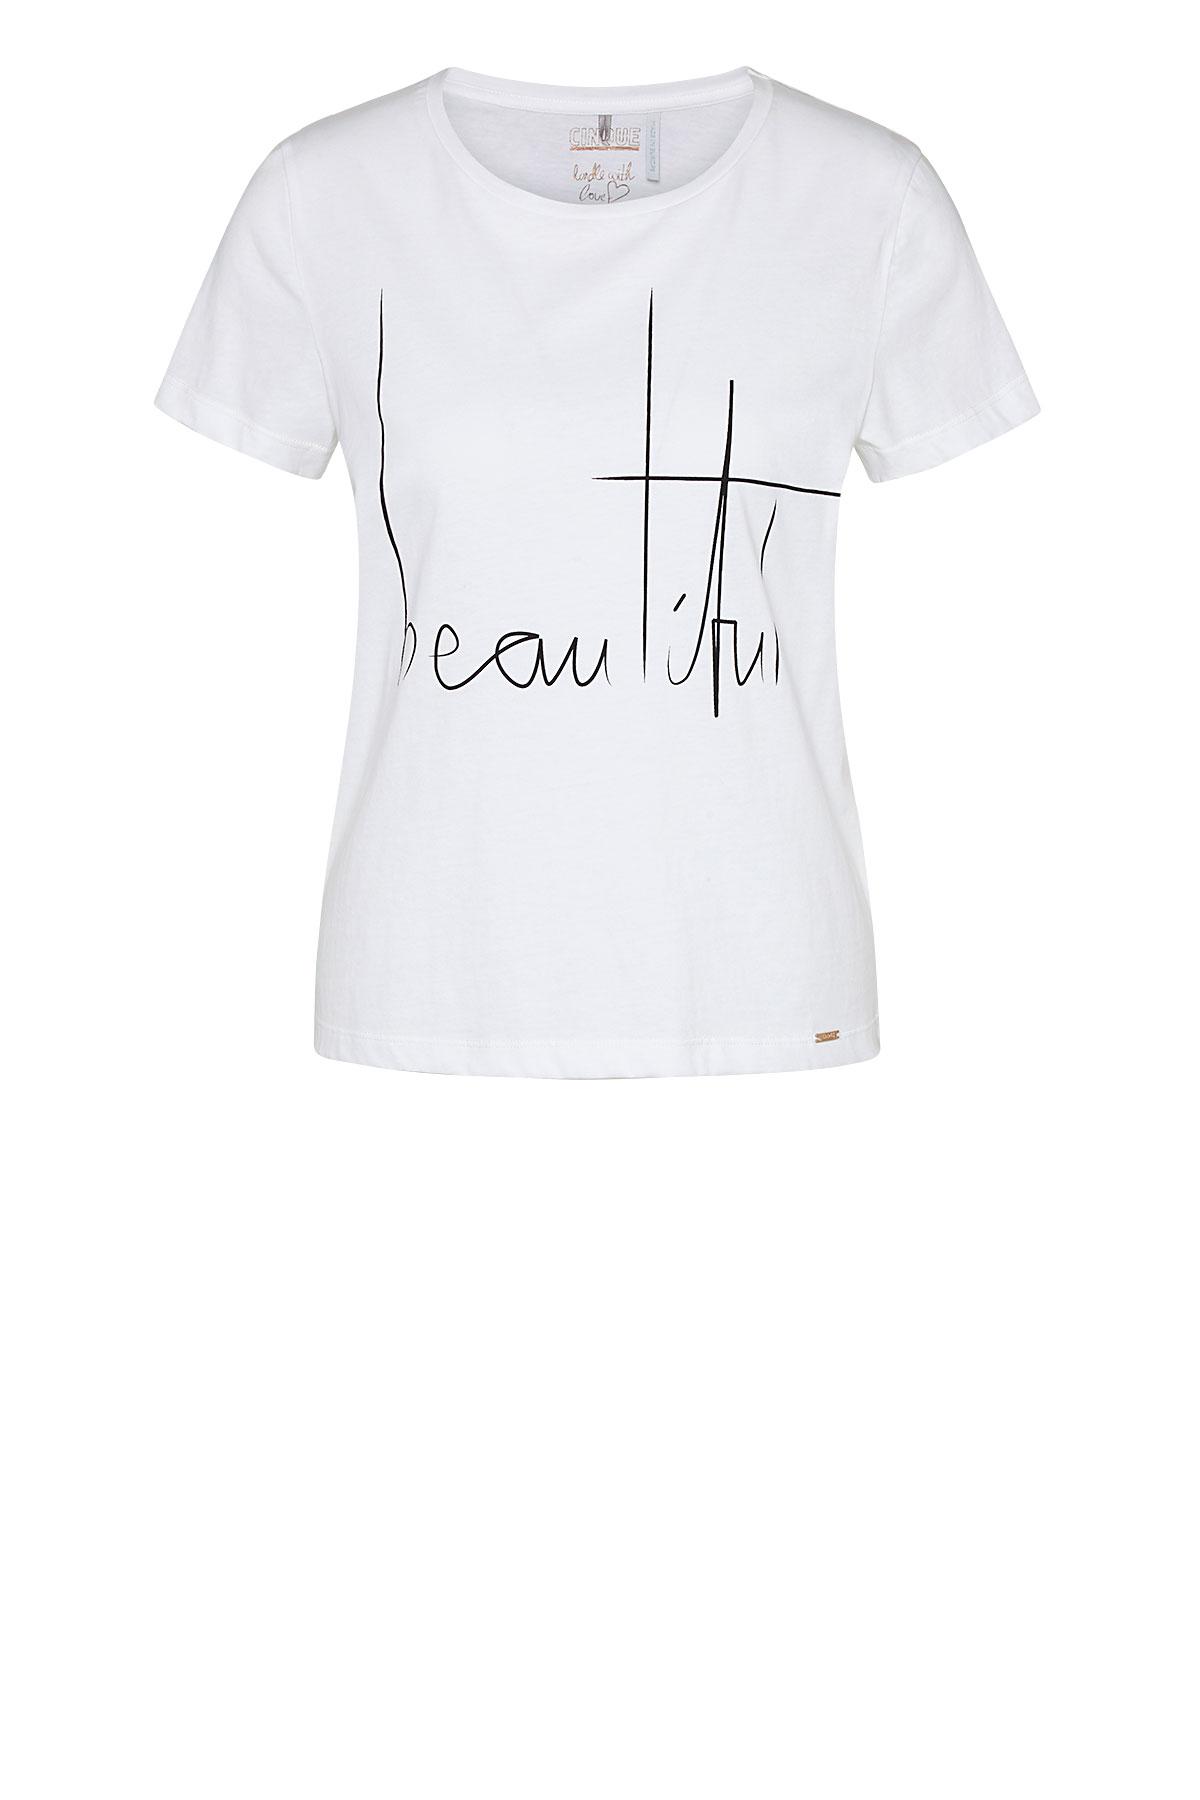 Cinque kurzarm Shirt aus Baumwolle mit Aufschrift